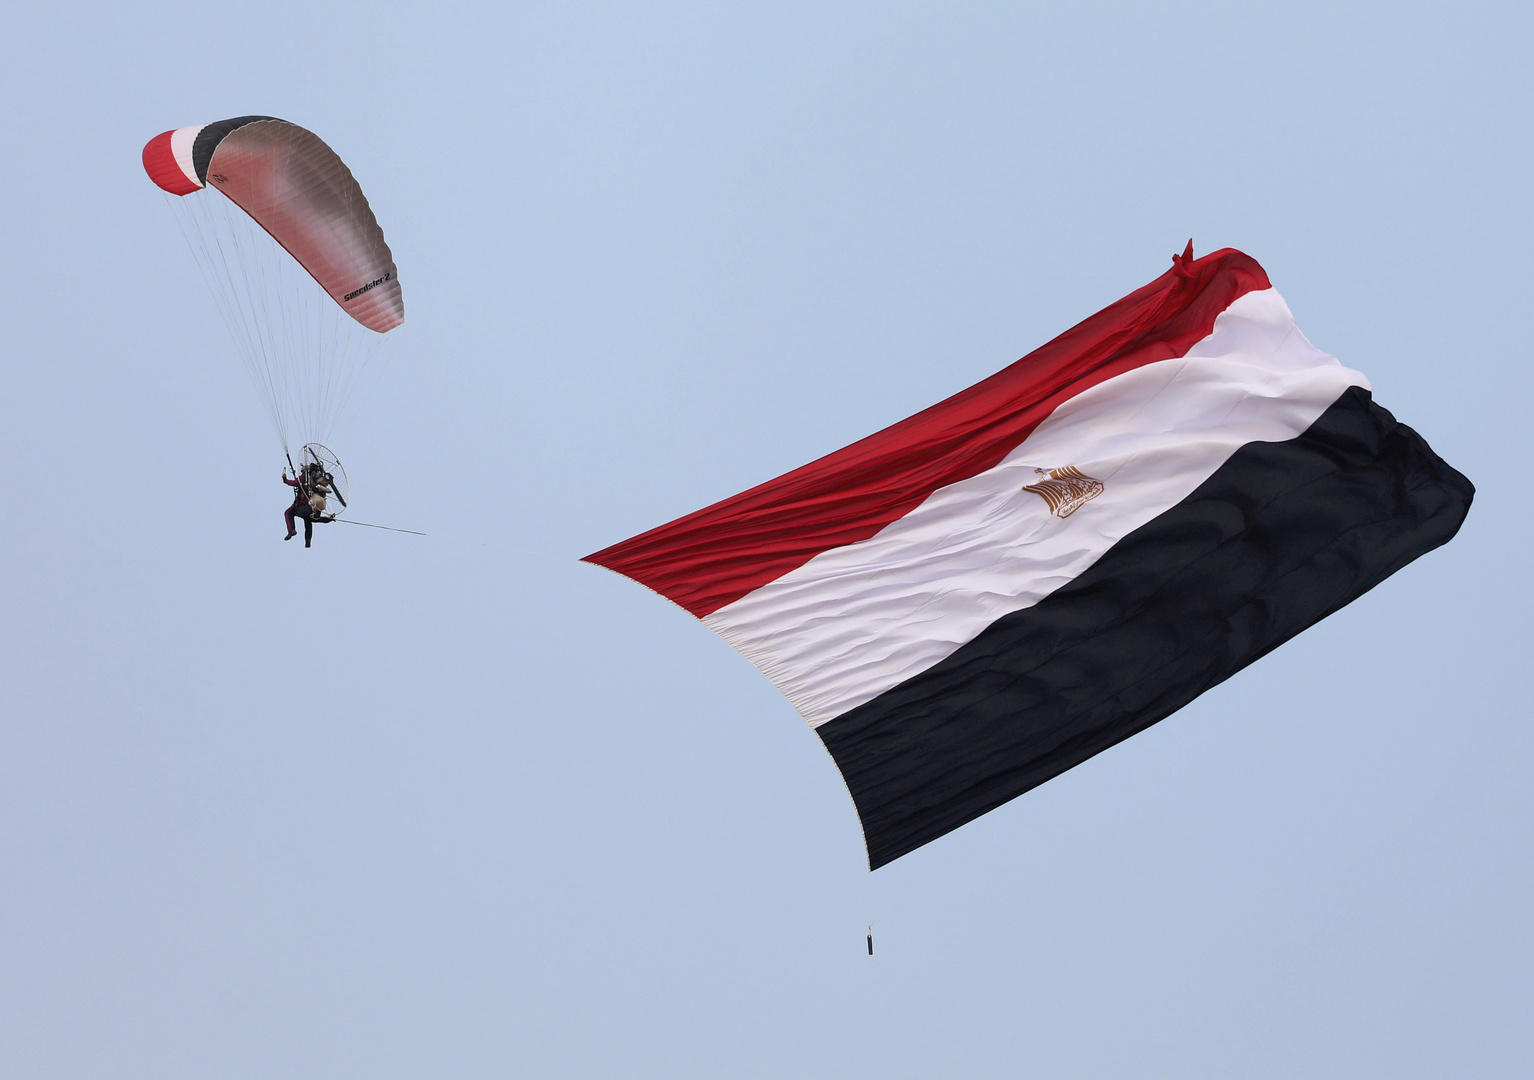 وزارة البترول المصرية: أكبر شركات البترول في العالم حصلت على حق التنقيب في البحر المتوسط في مصر